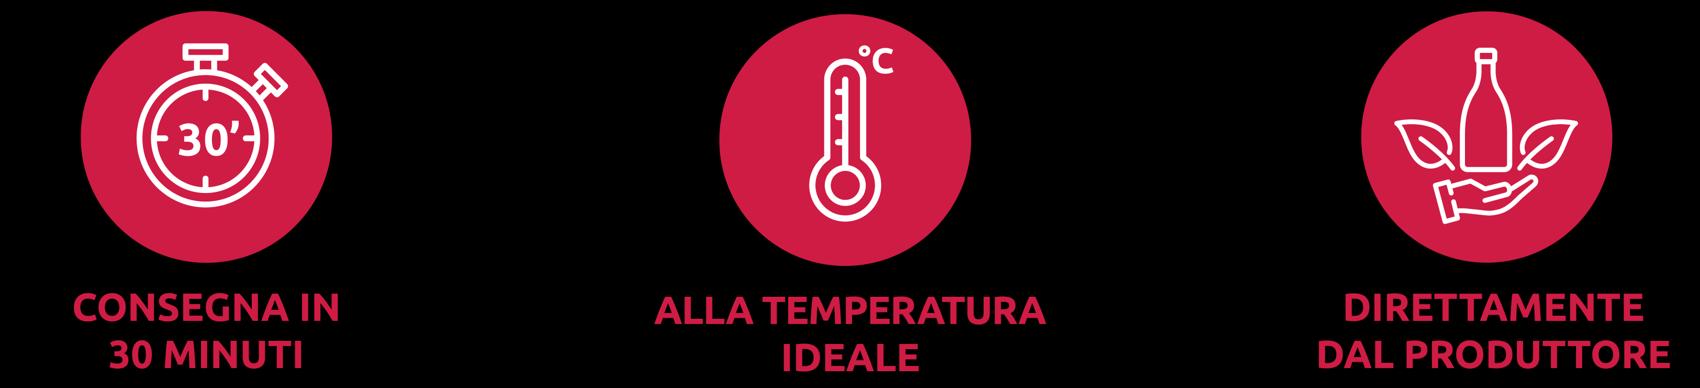 Consegna in 30 minuti. Alla temperatura ideale. Direttamente dal produttore.